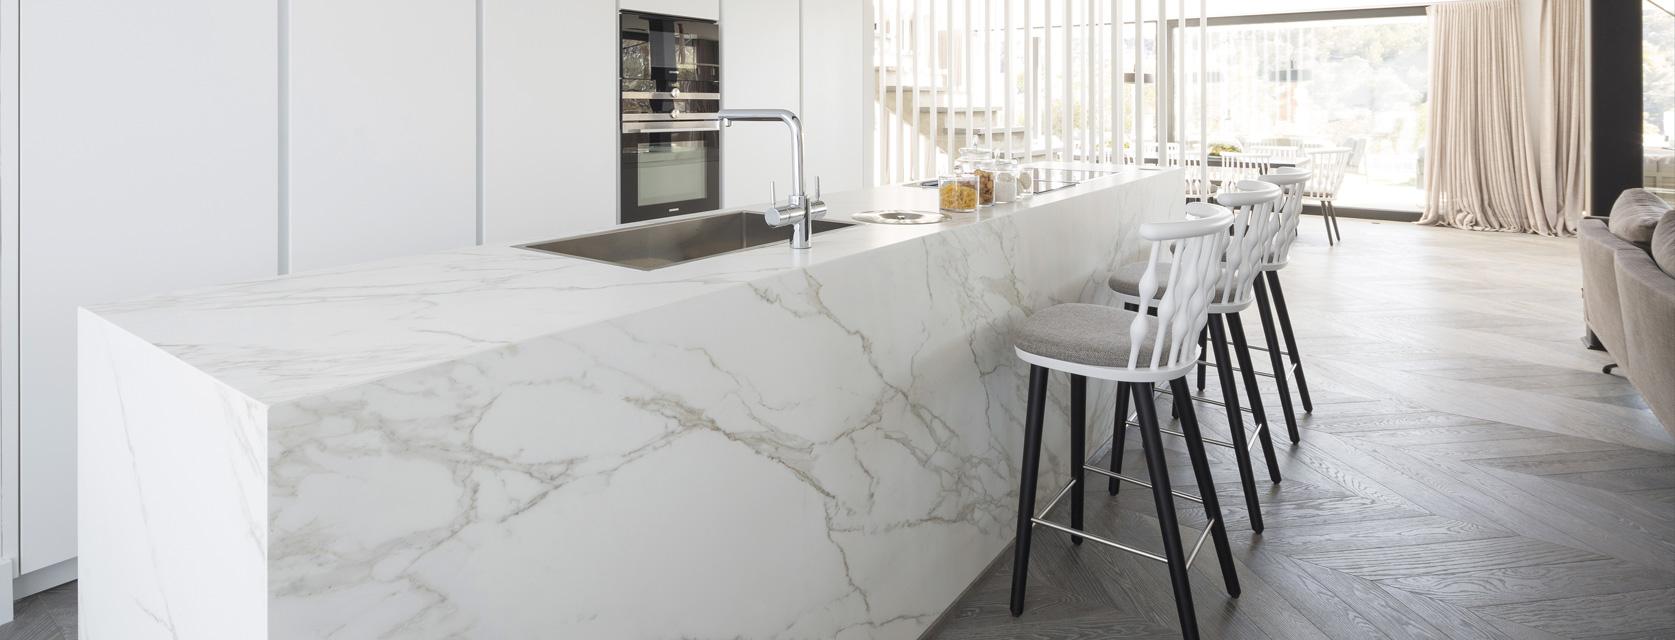 encimera de cocina marmol calacatta - Encimera Marmol